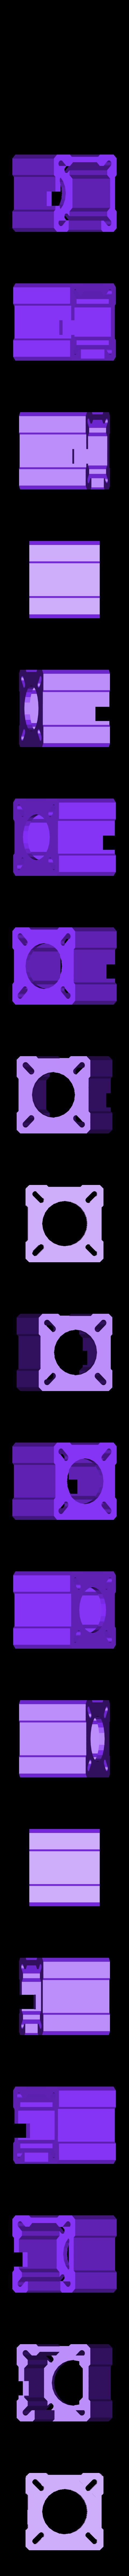 X-MotorBracketV2.stl Télécharger fichier STL gratuit Hadron (ORD Bot) Support pour moteur en X • Modèle pour imprimante 3D, Duskwin